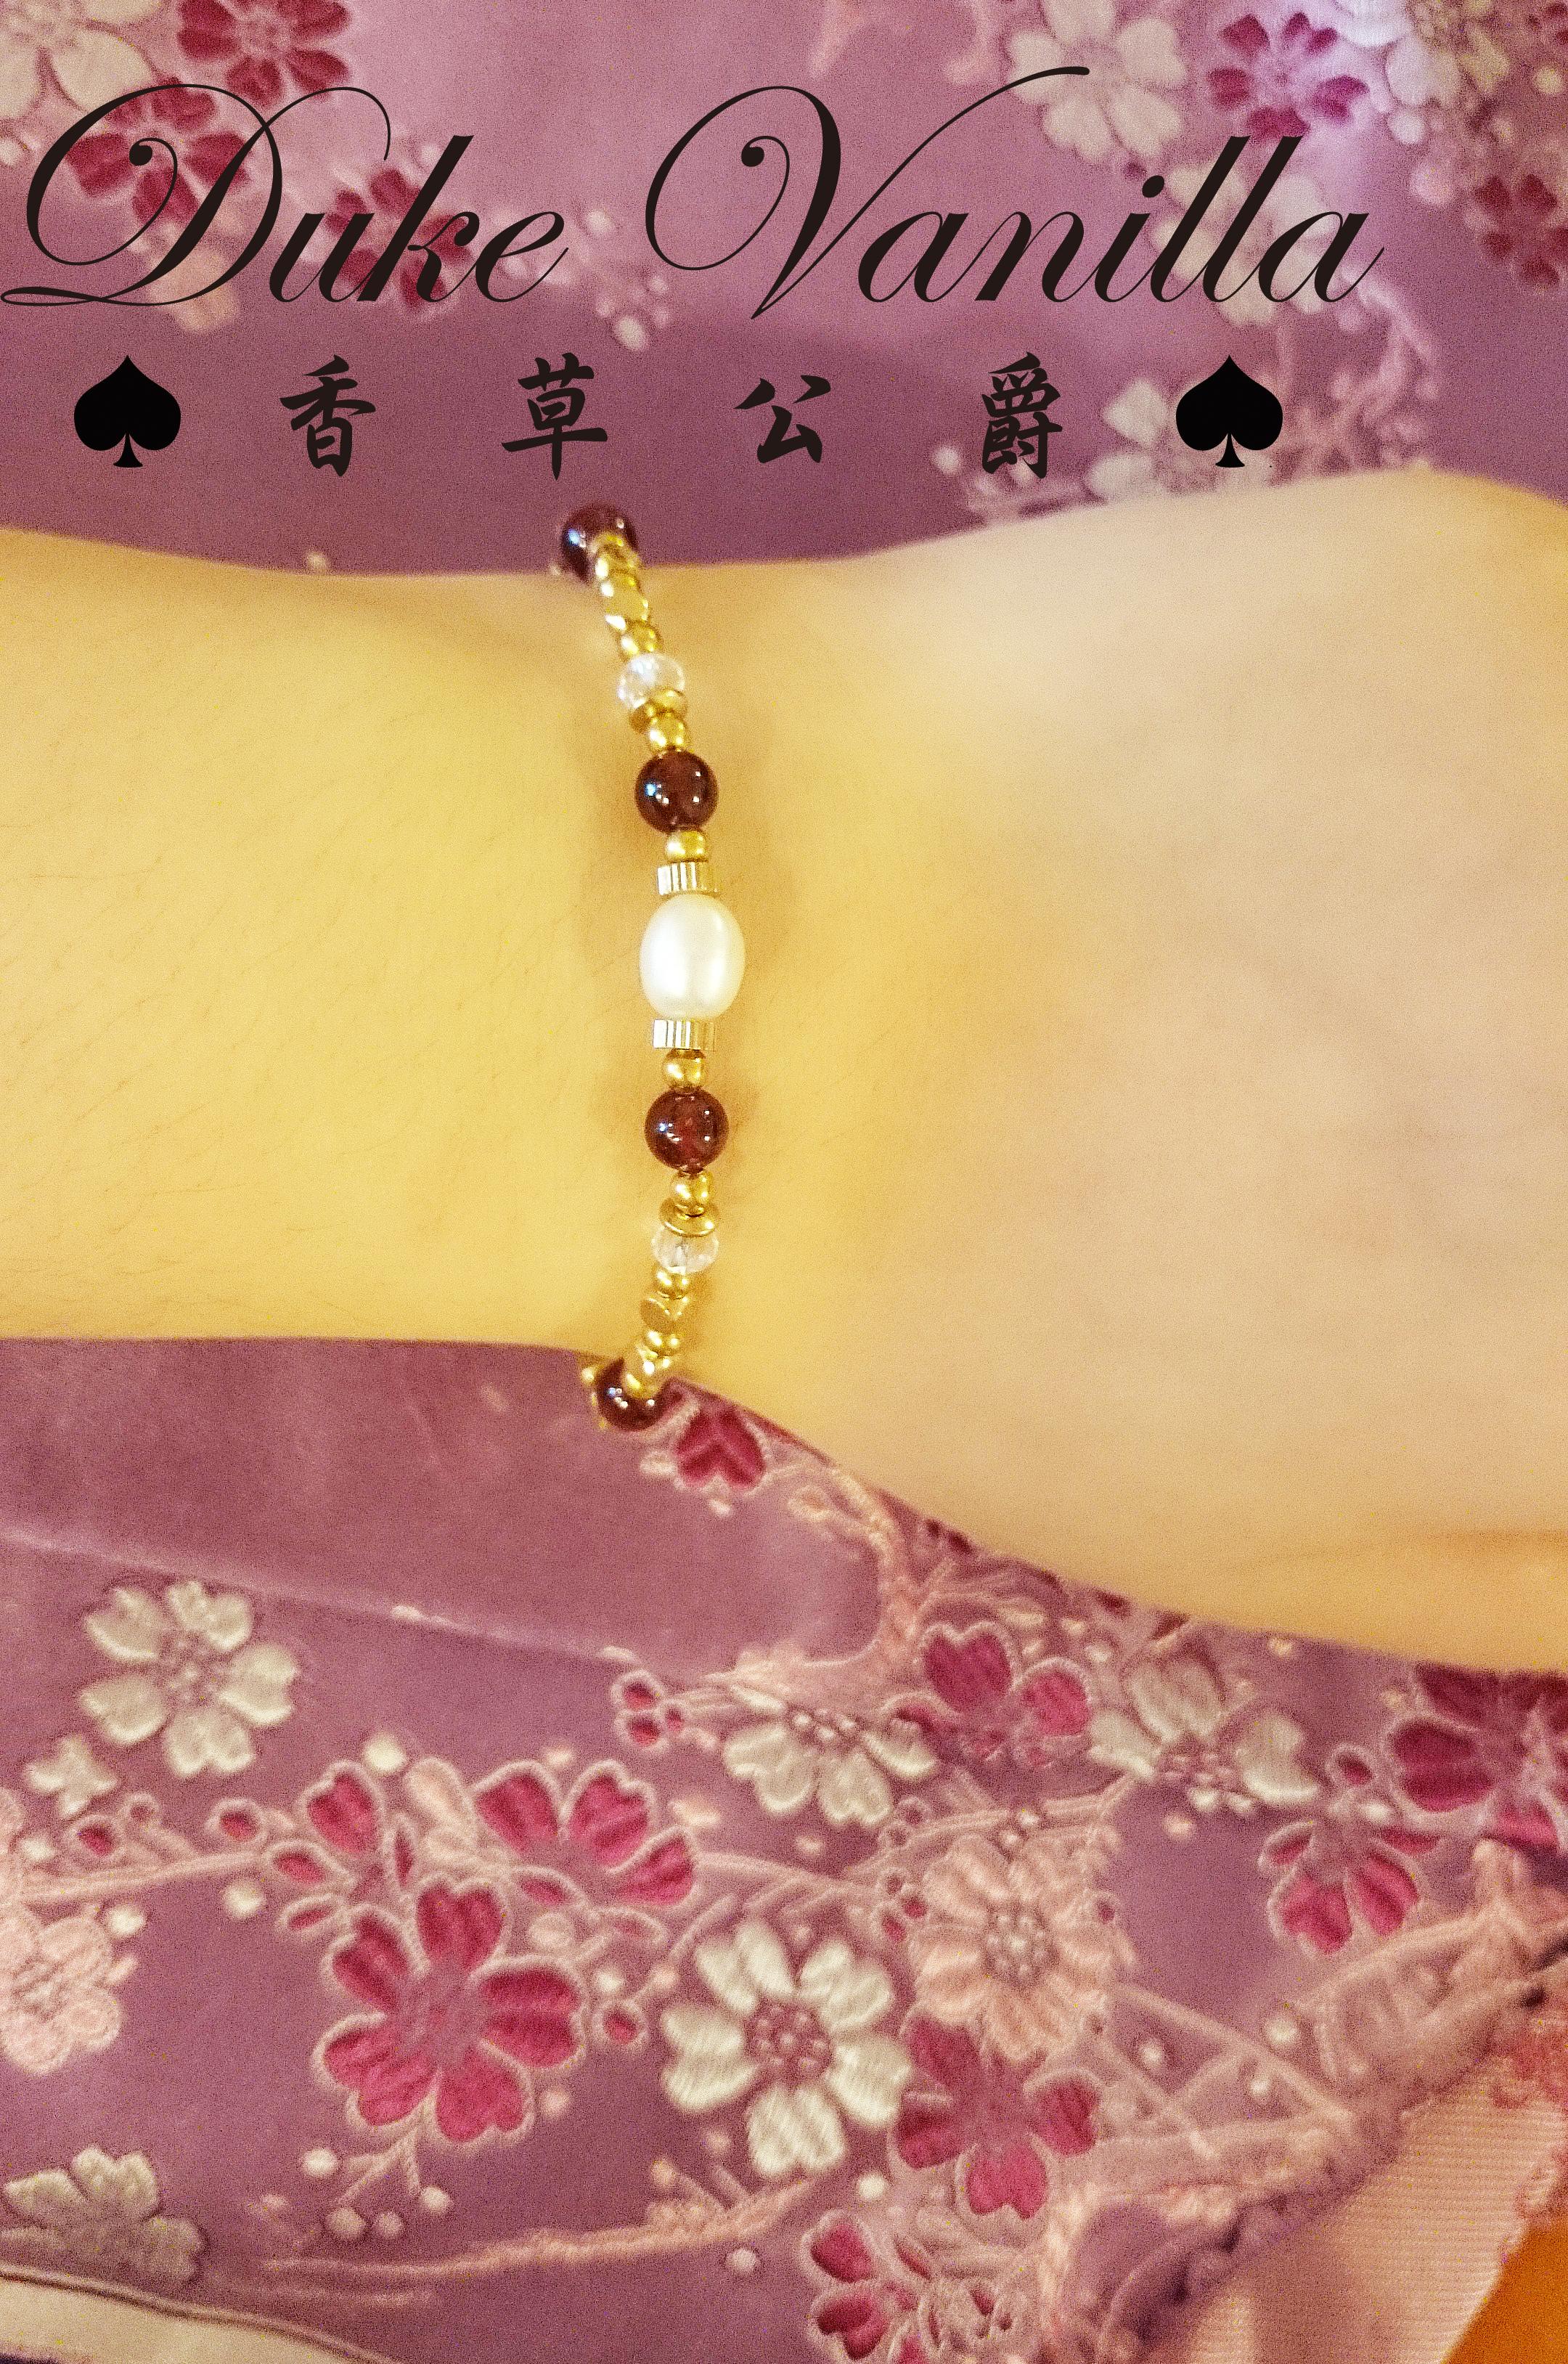 黃銅方珠紅石淡水珍珠手環 - Duke Vanilla 香草公爵